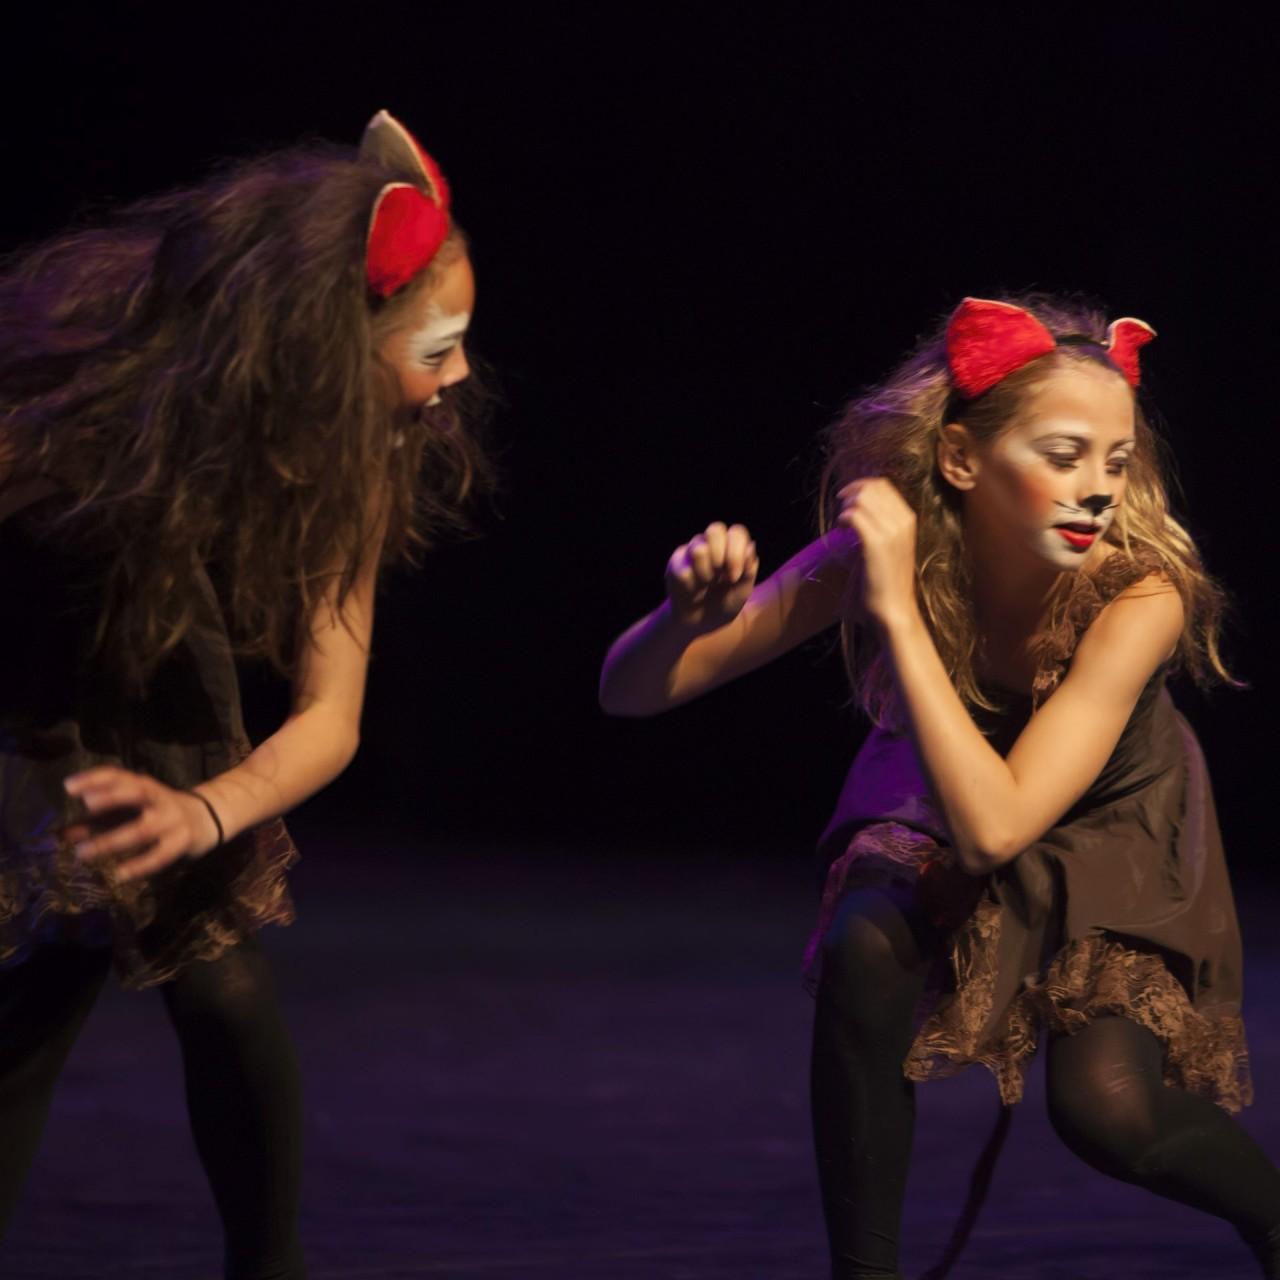 dansen ballet van den Ende (1 van 17)